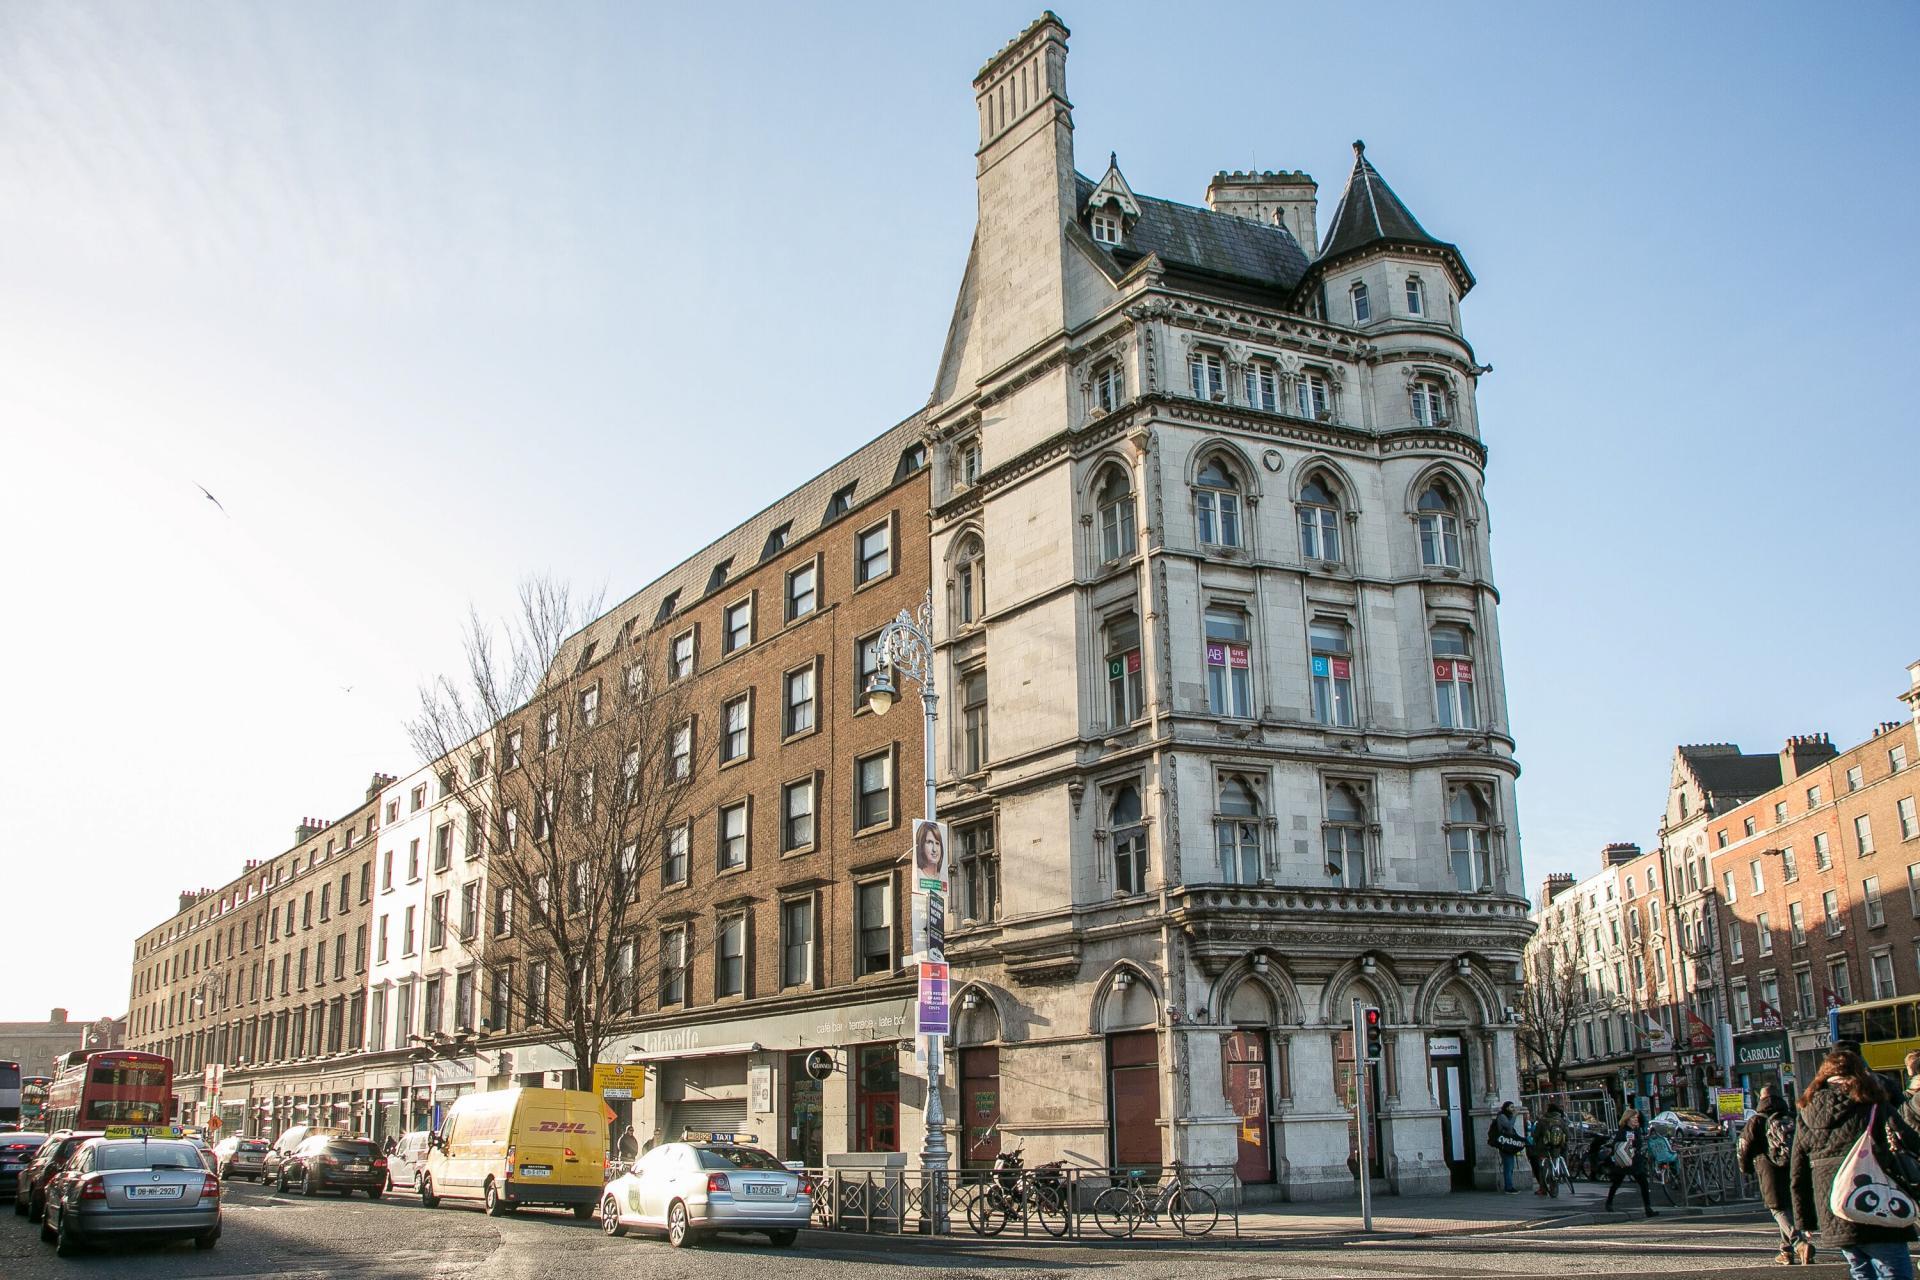 Exterior of O'Connell Bridge Apartments, Centre, Dublin